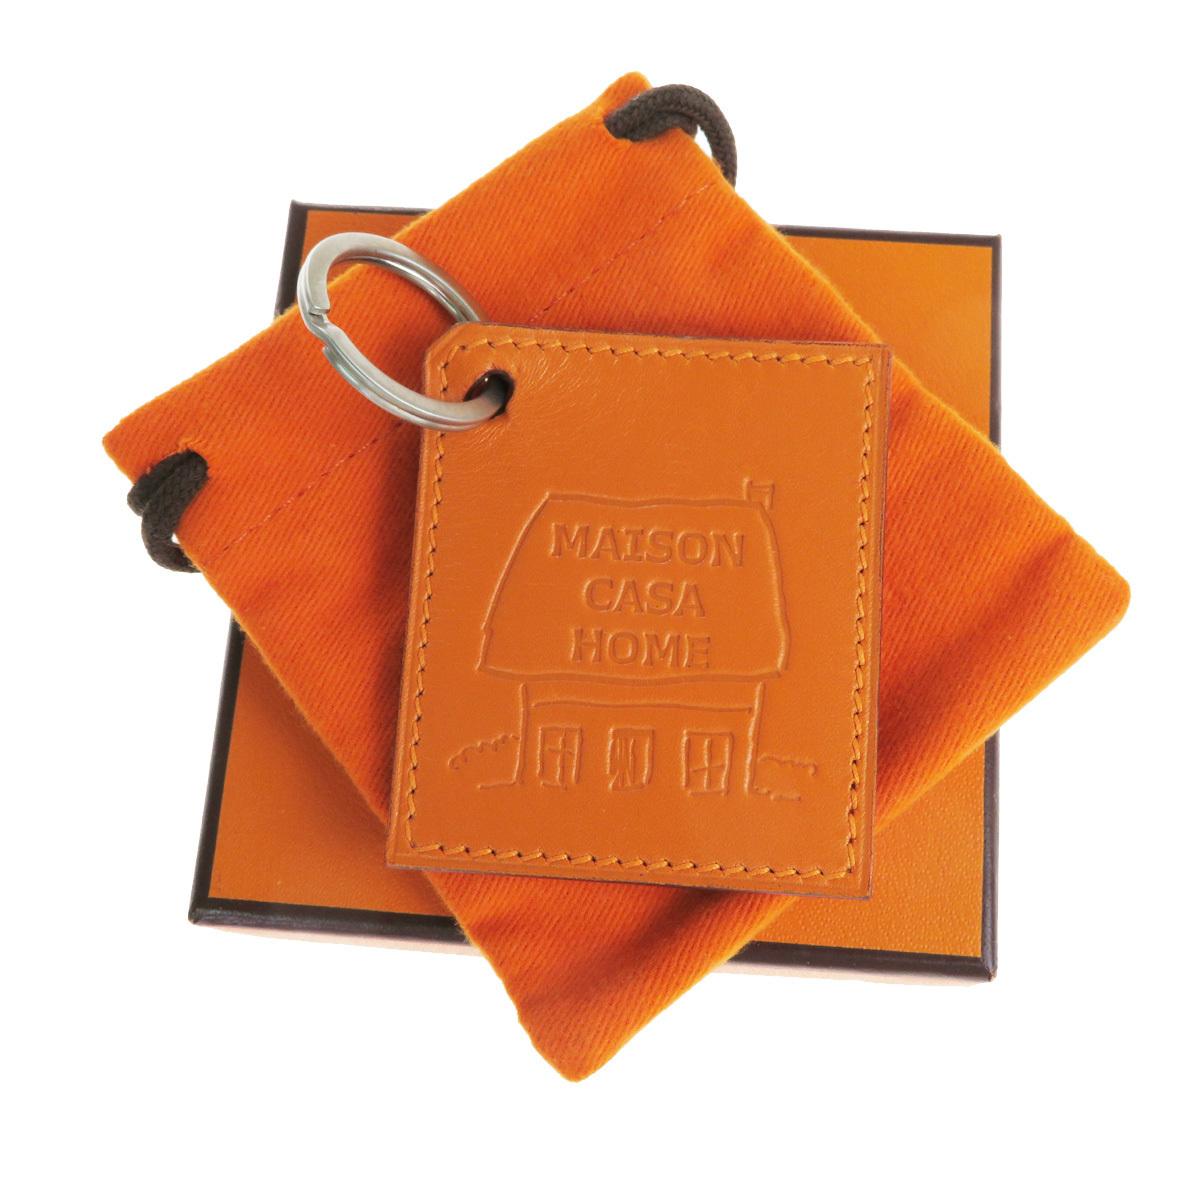 【中古】 エルメス(Hermes) MAISON CASA HOME キーホルダー (オレンジ) 07FA556